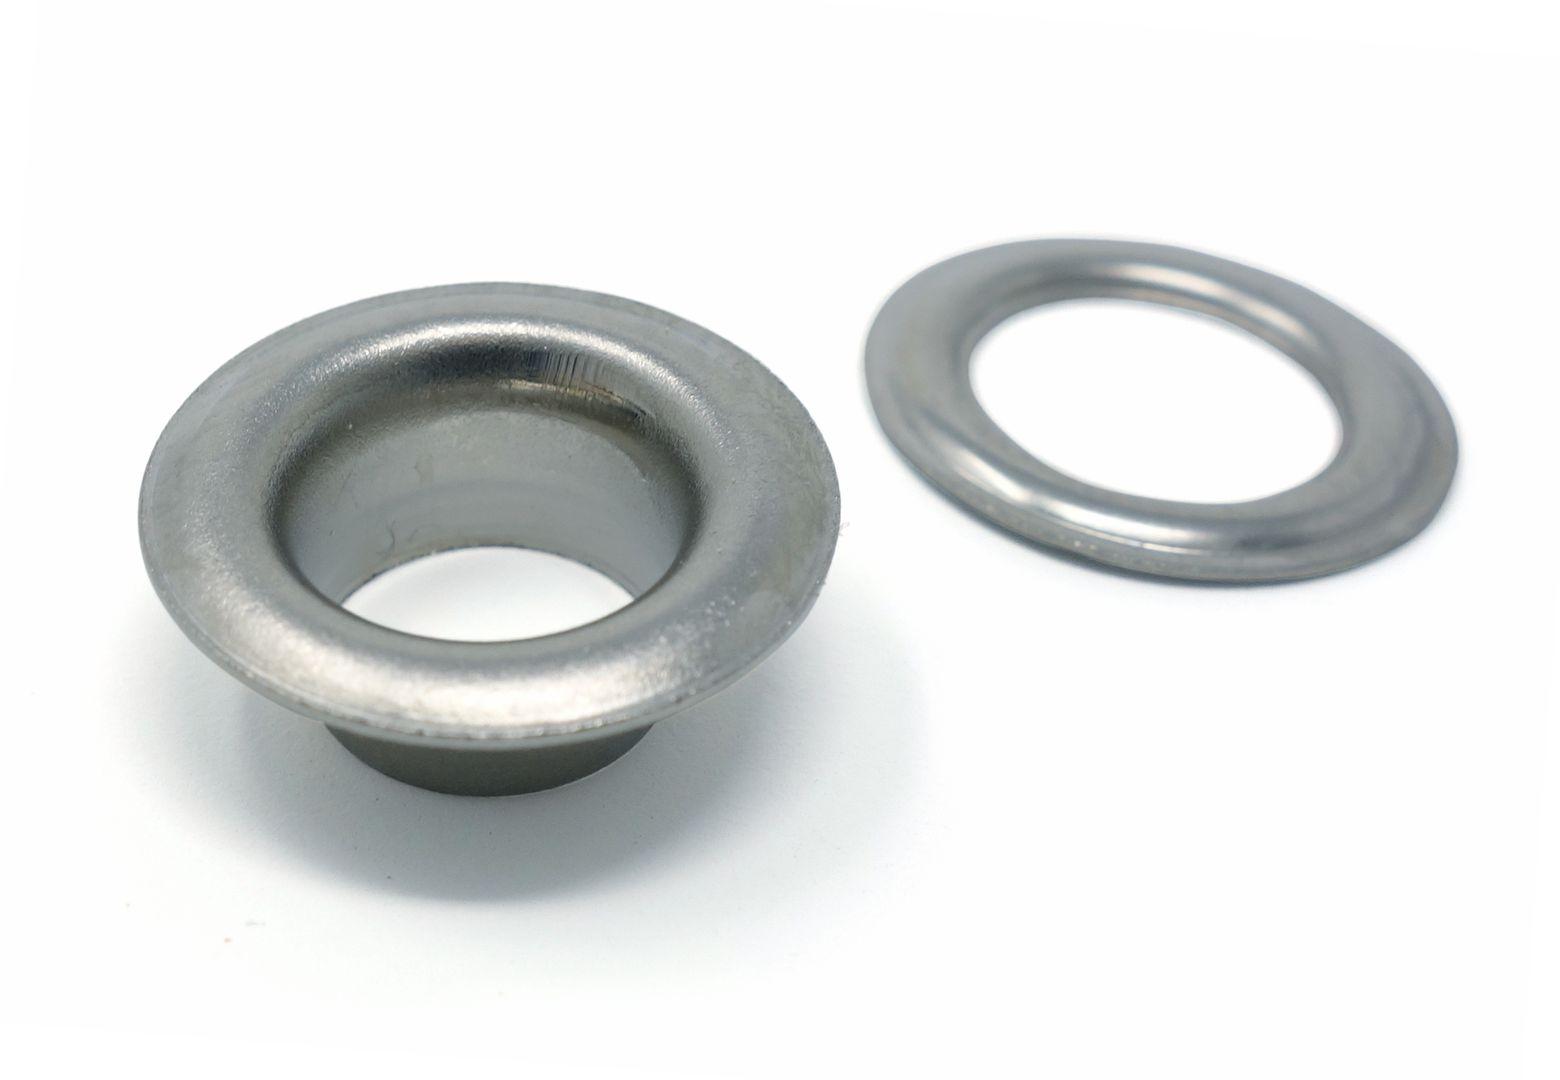 100 x 3,6 mm selbstlochende Ösen mit Scheibe (rostfrei) für Ösenpressen und Einschlagwerkzeuge – Bild 3